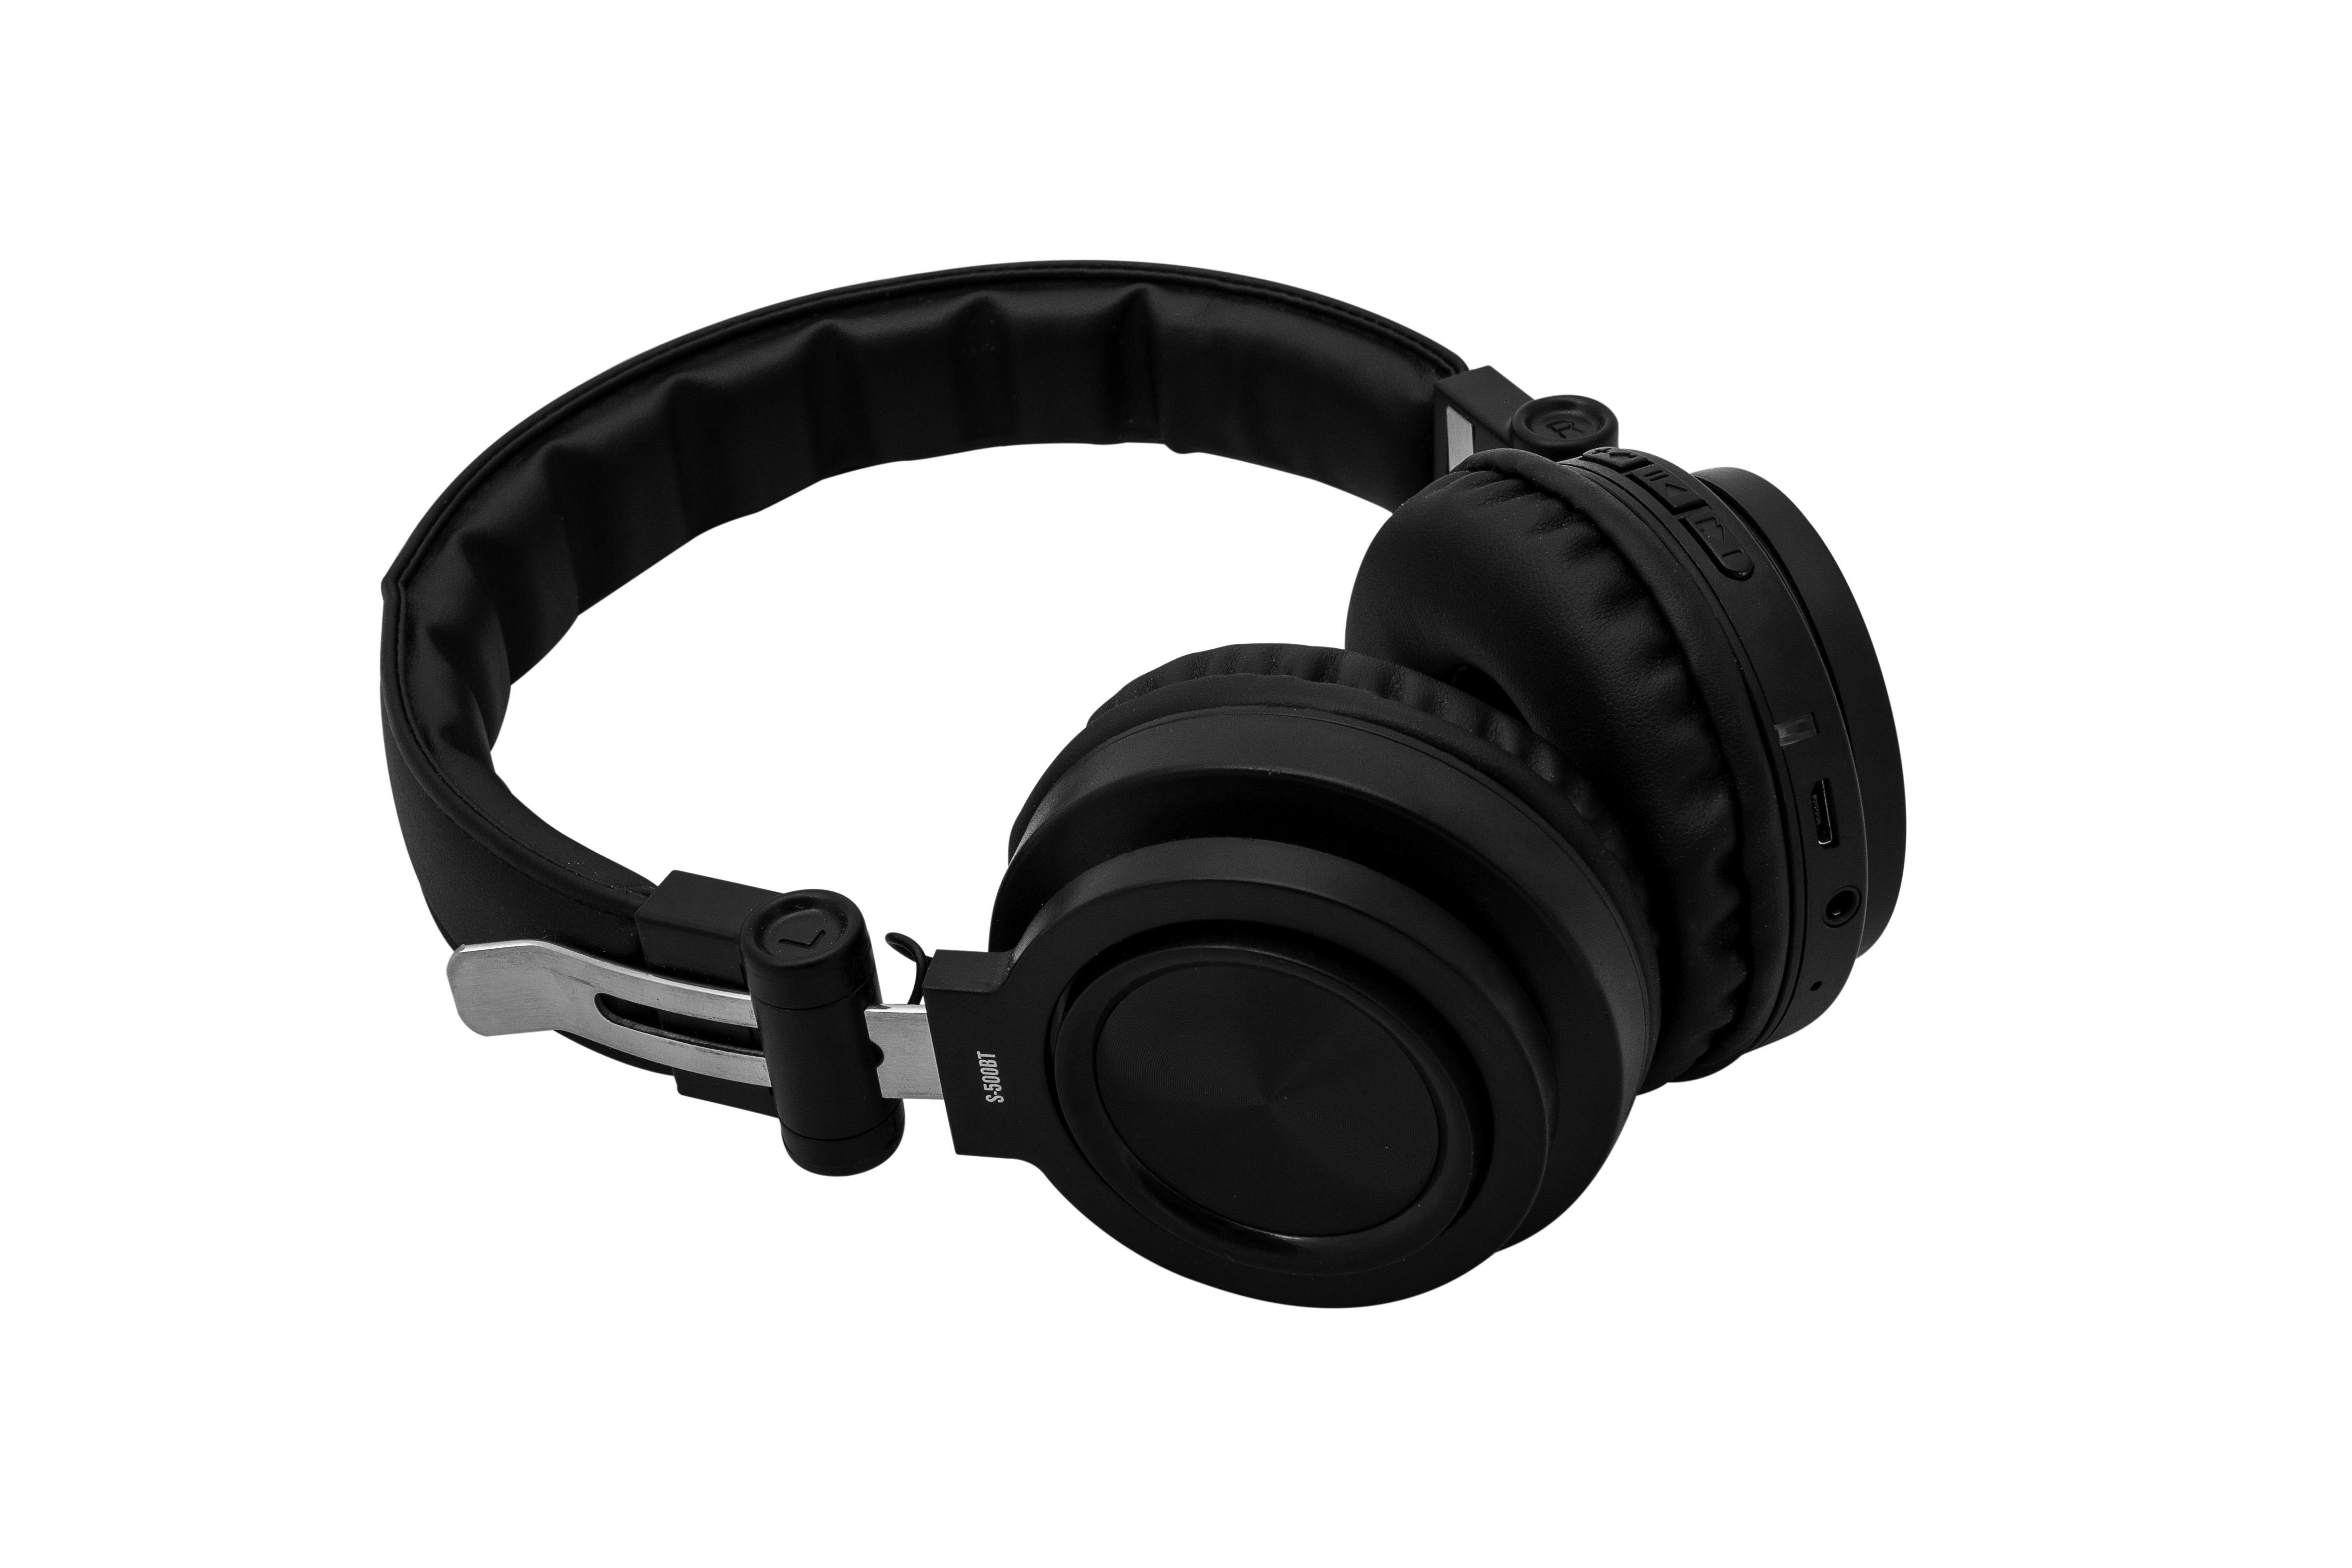 Bezdrátová sluchátka s MP3 přehrávačem Orava S-500 BT